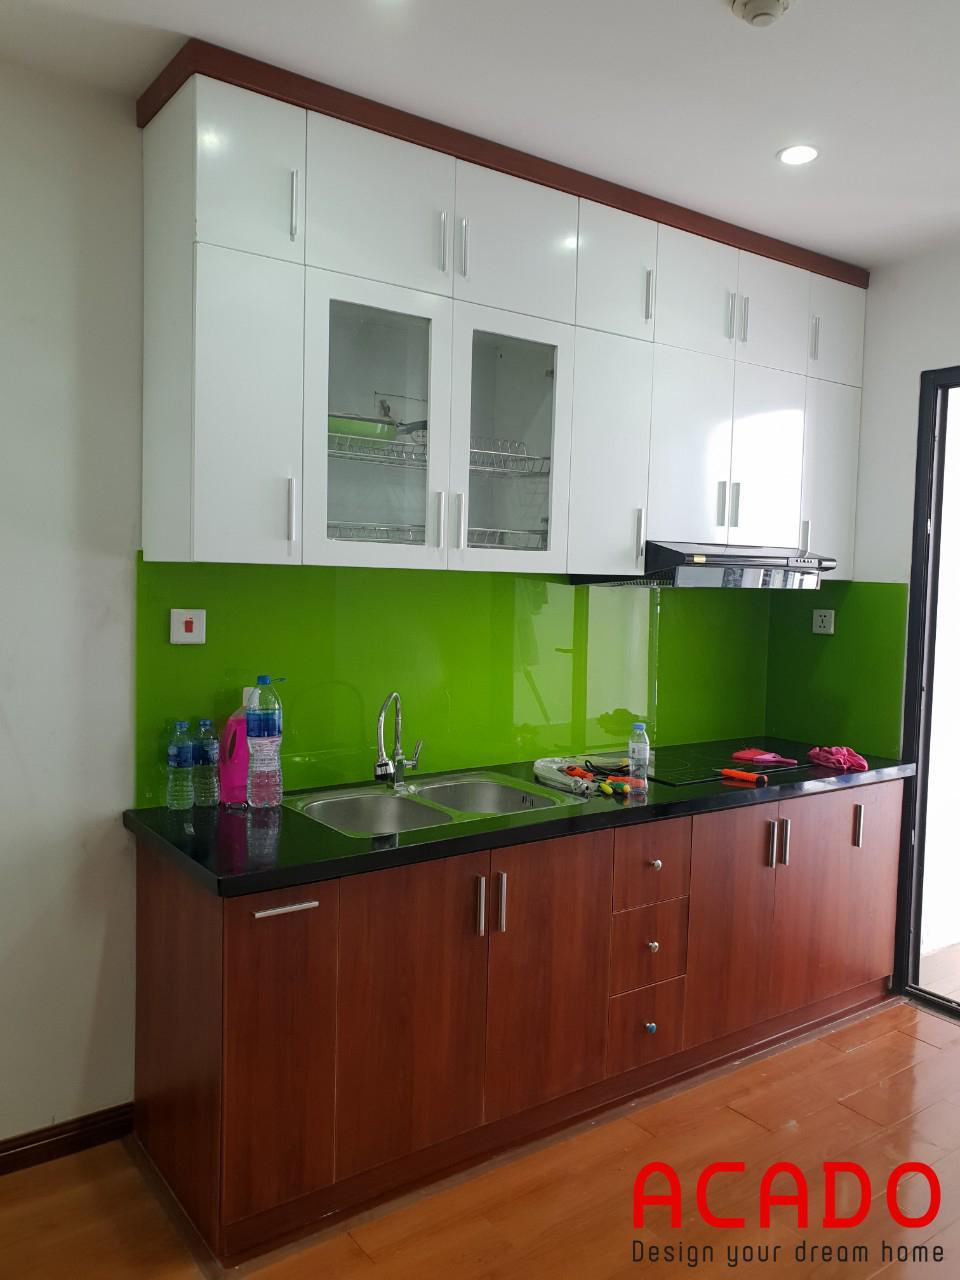 Tủ bếp được thiết kế kịch trần, tận dụng tối ưu không gian.